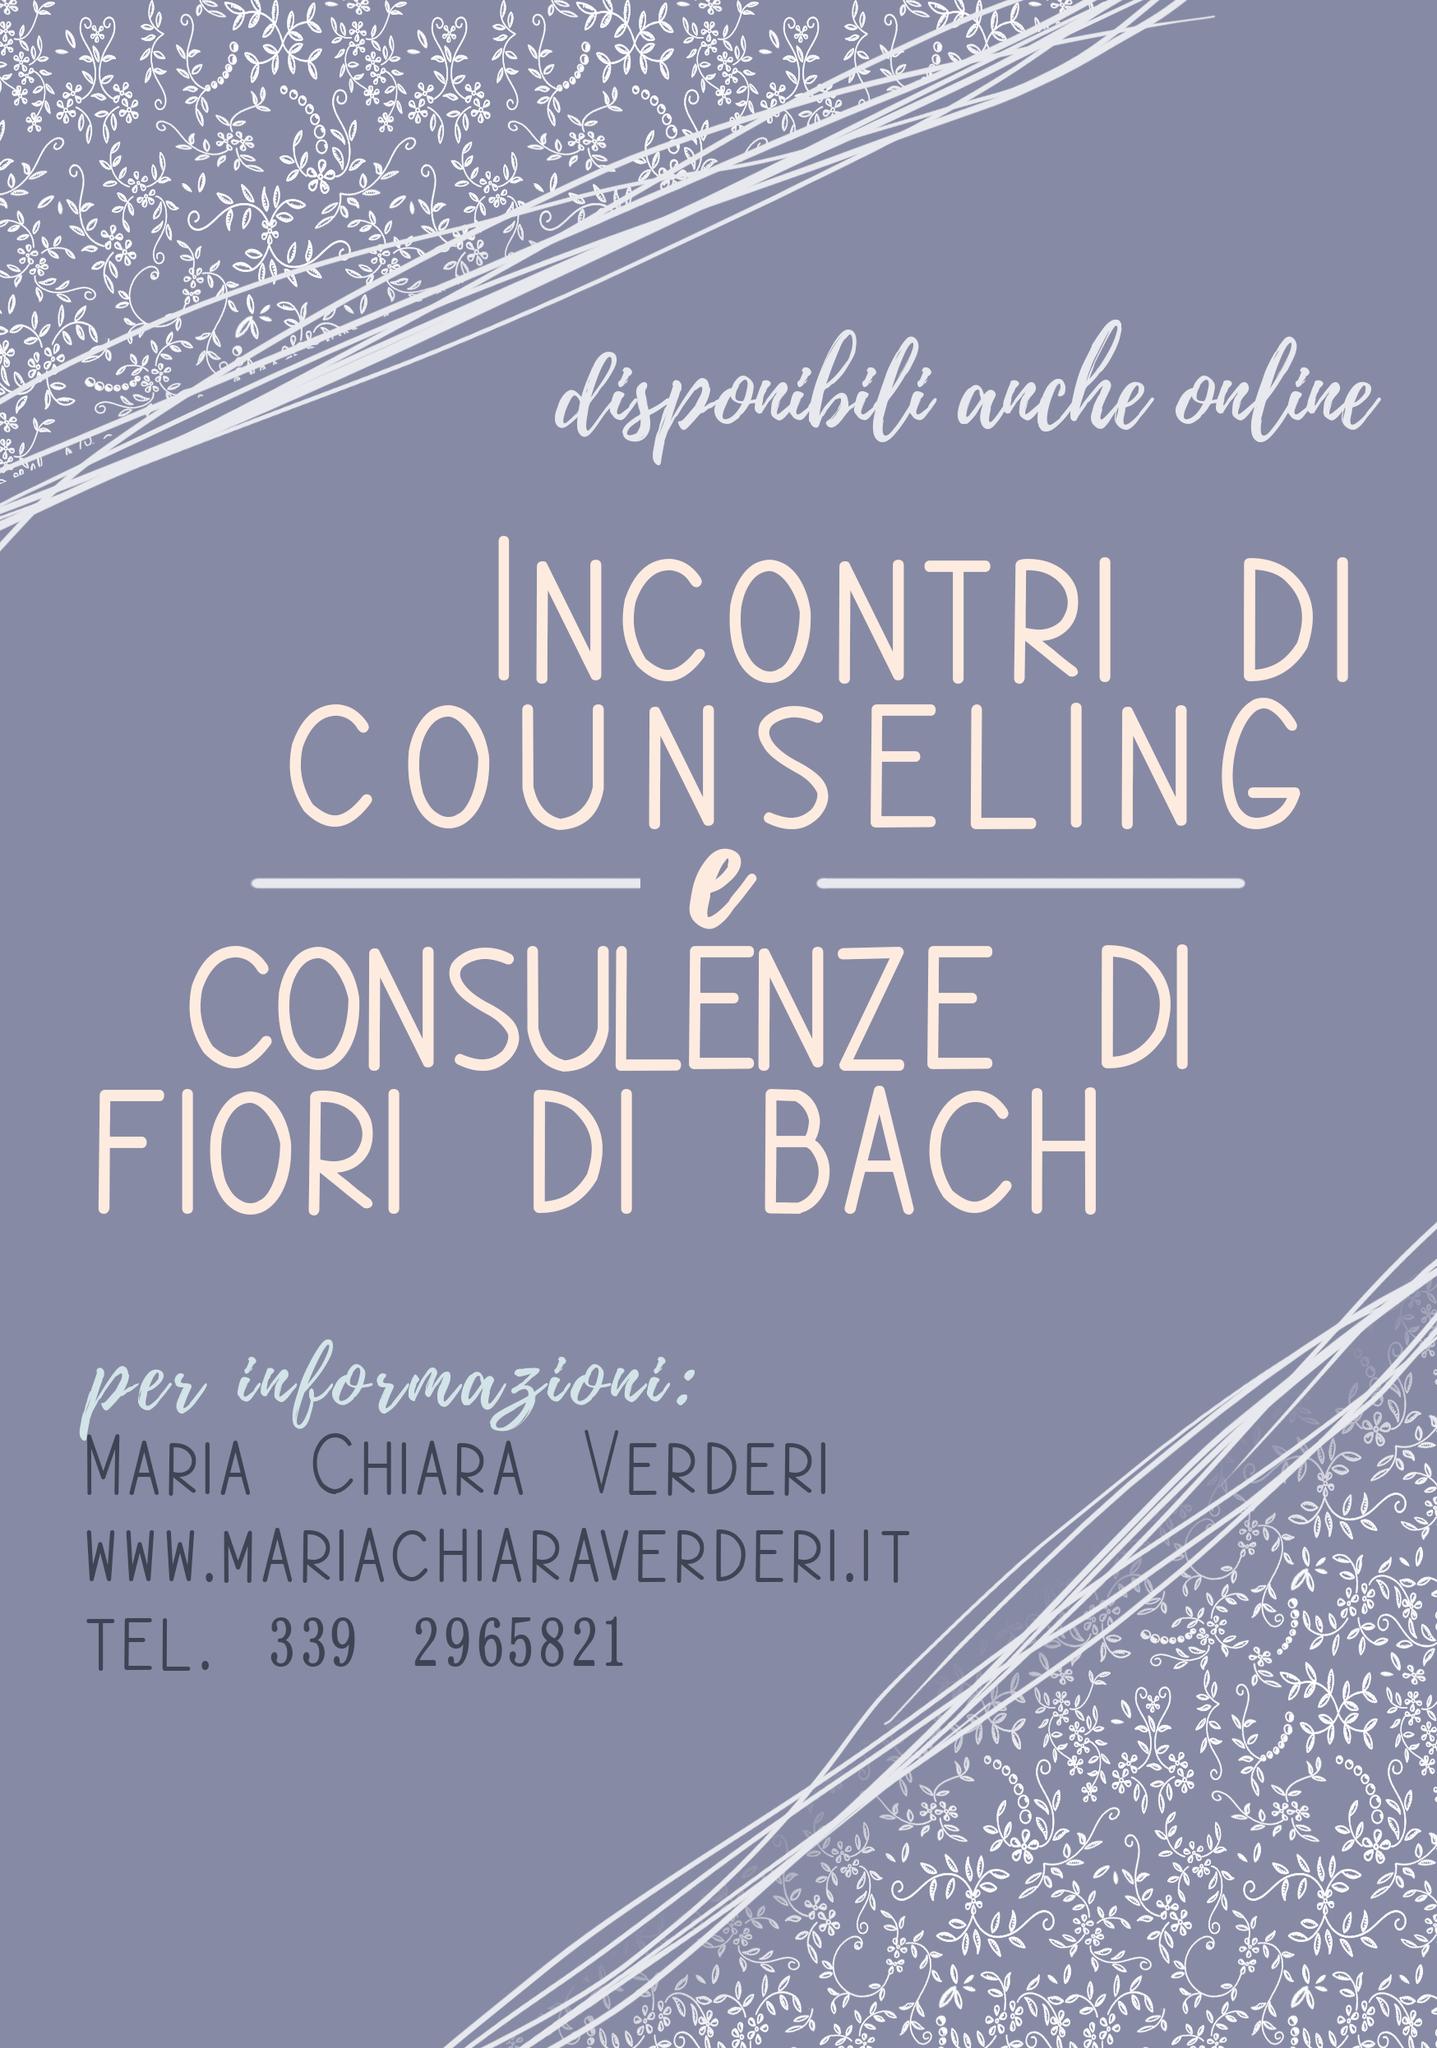 Milano, tutte le settimane dal martedi al venerdi dalle ore 10,00 alle ore 18,00. incontri di Counseling e consulenze di Fiori di Bach su appuntamento.